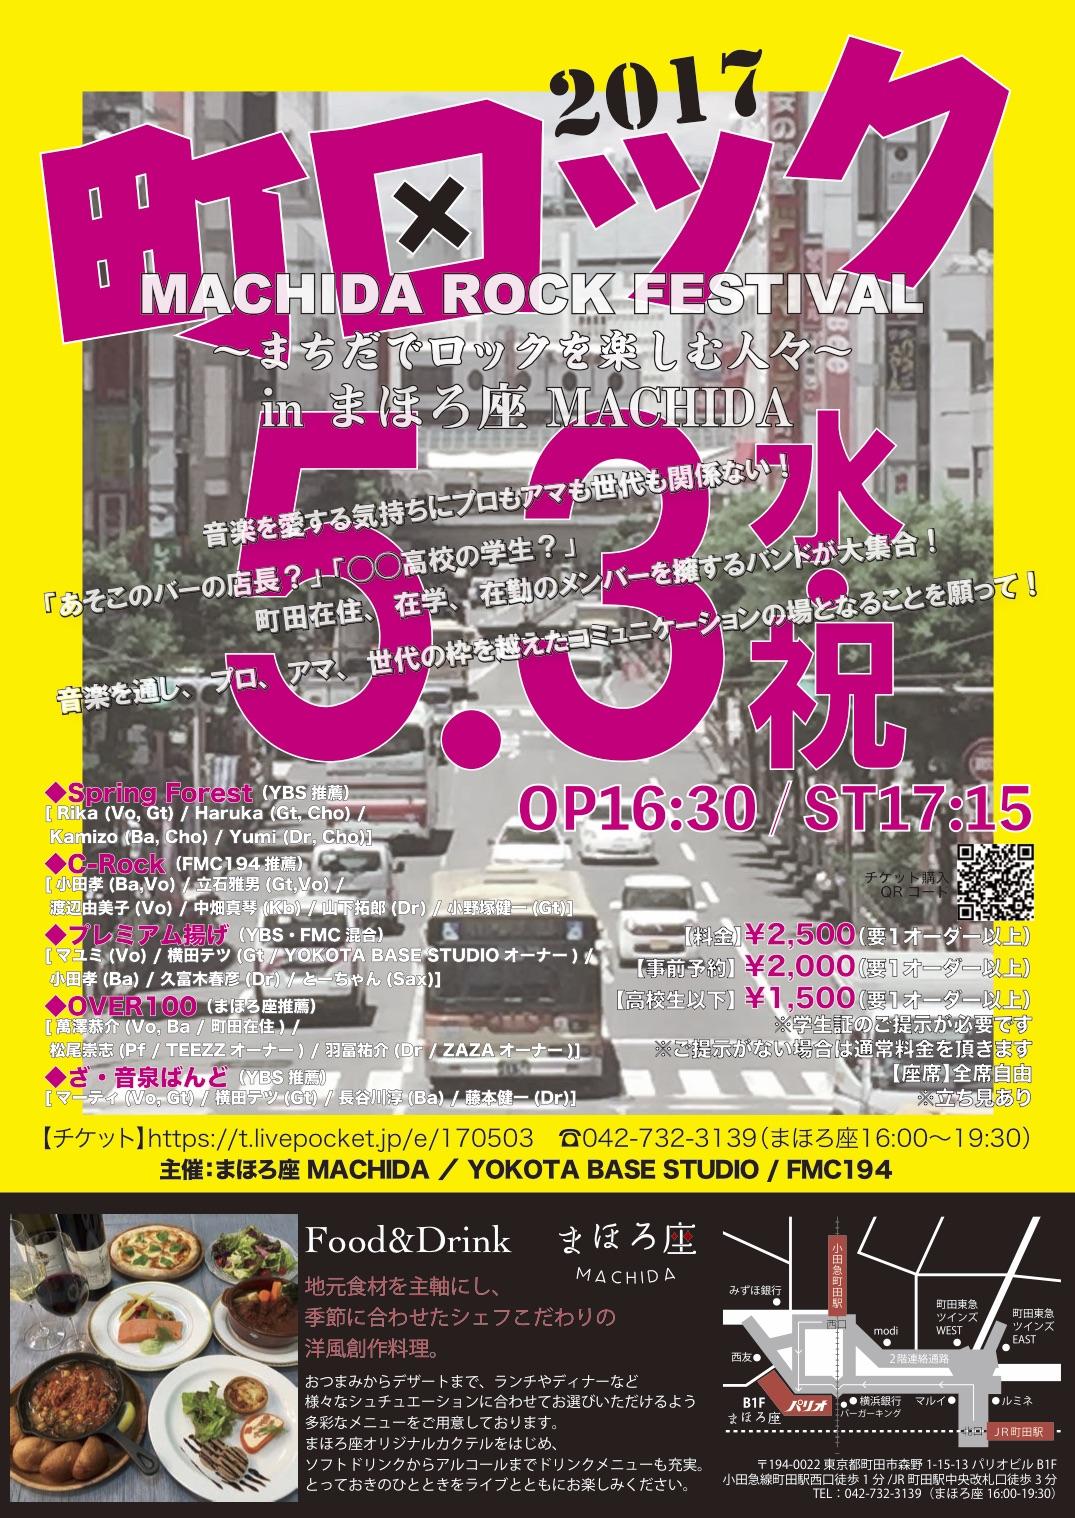 まちだロックフェスティバル 2017 〜まちだでロックを楽しむ人々〜